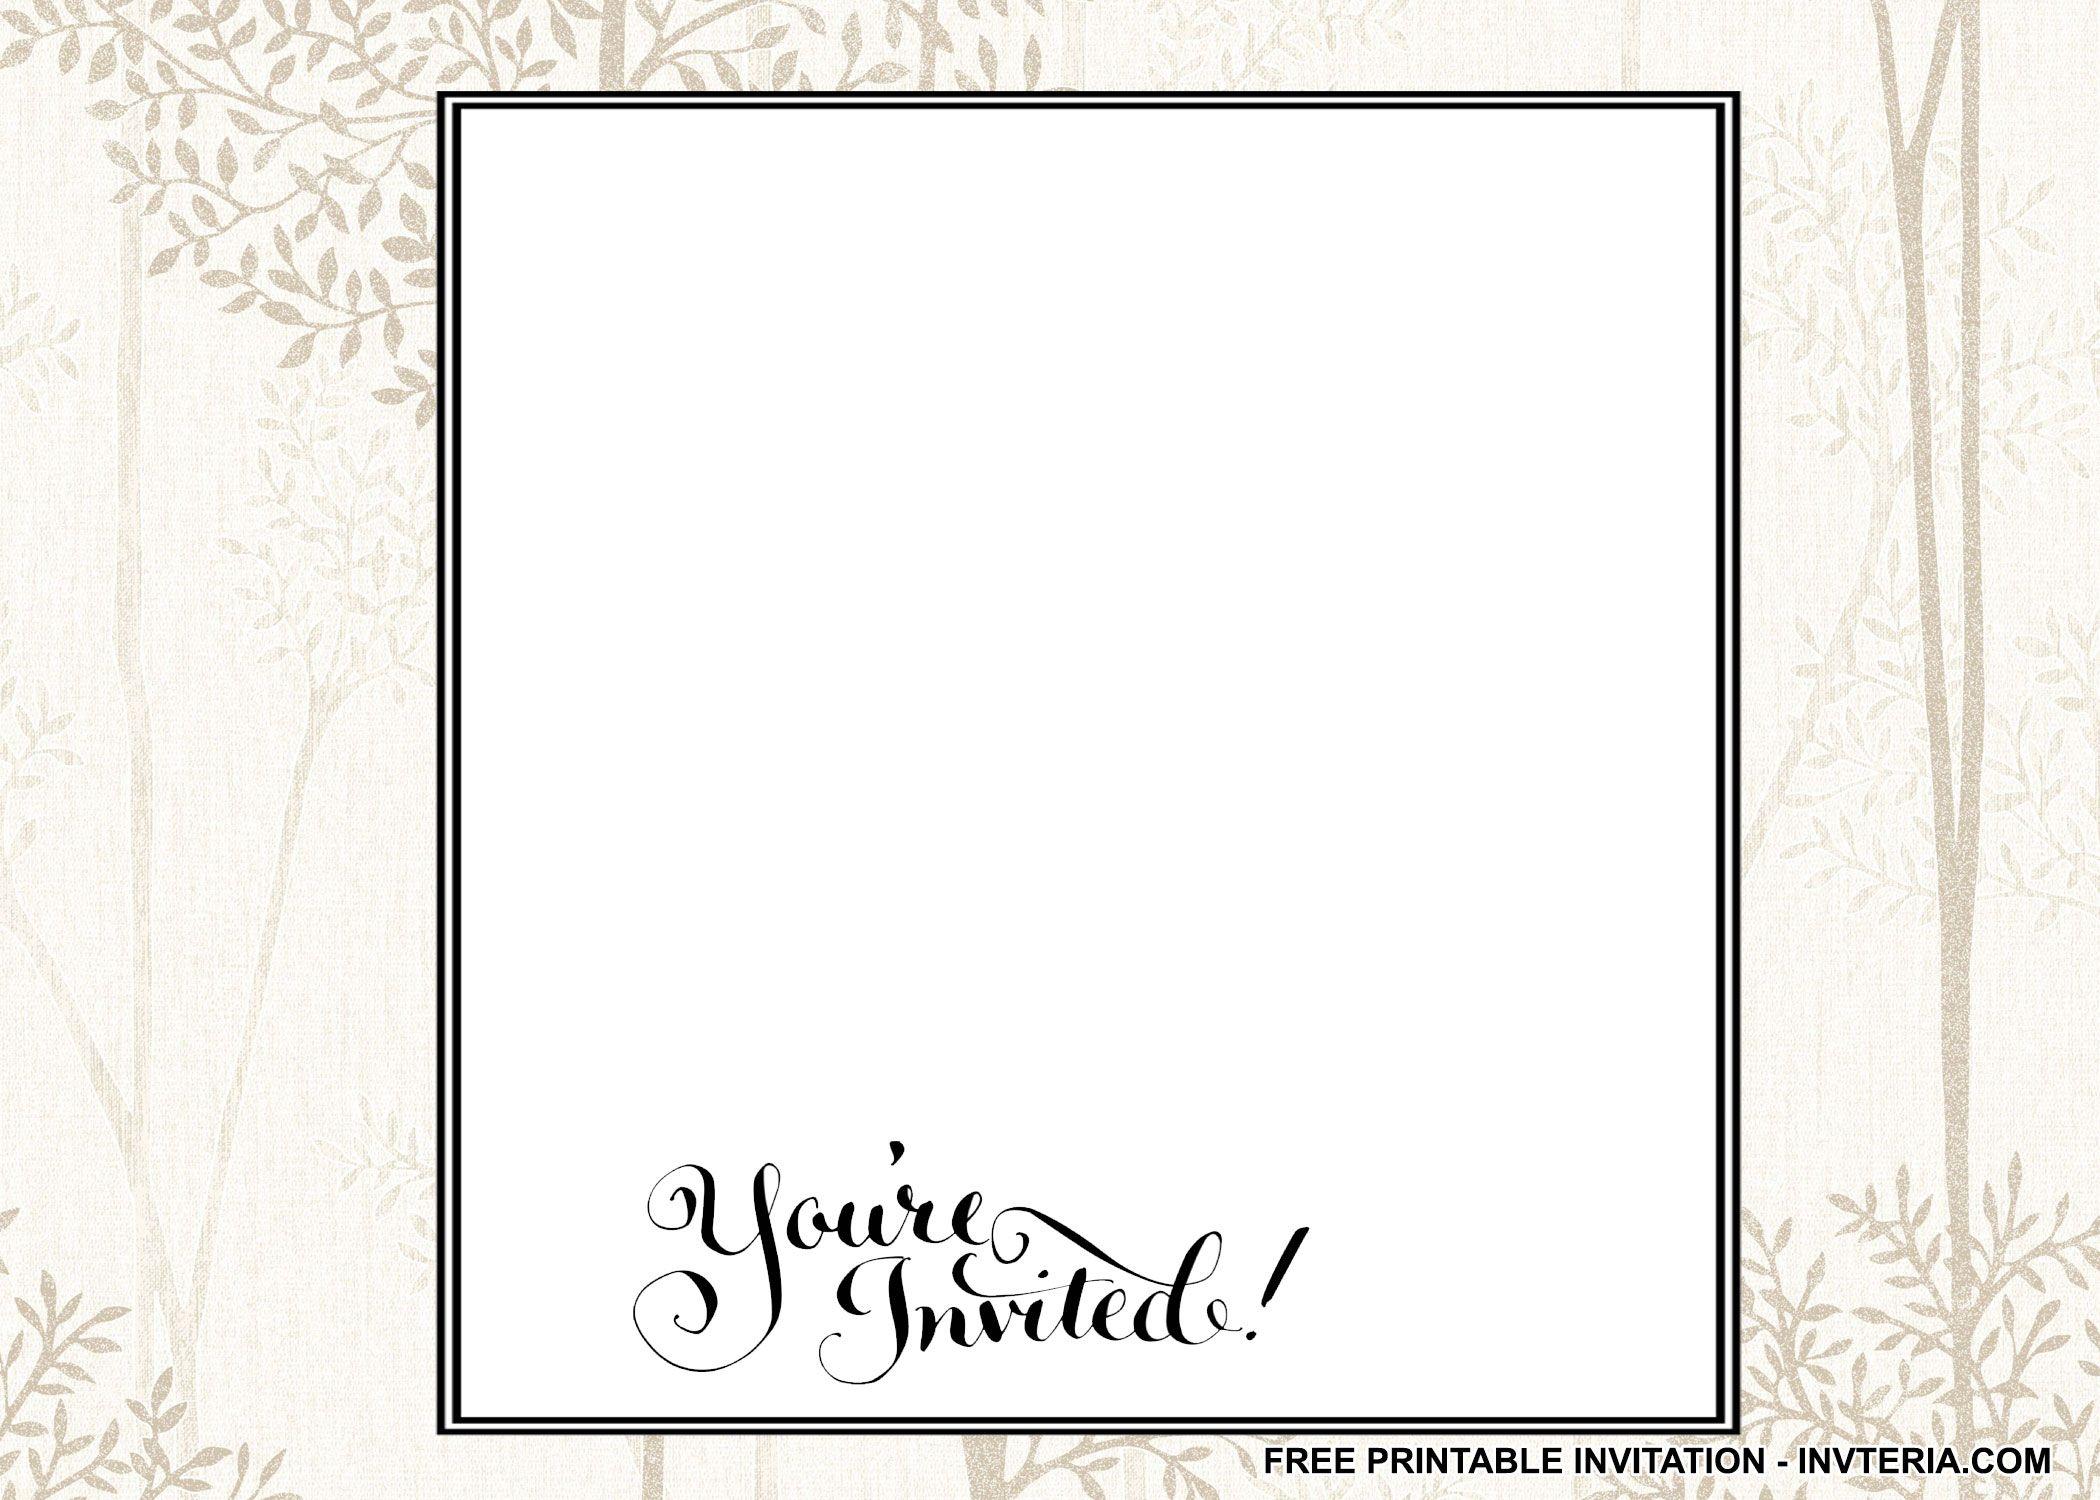 Fine Free 30th Birthday Invite Wording Idea Invitation Birthday In